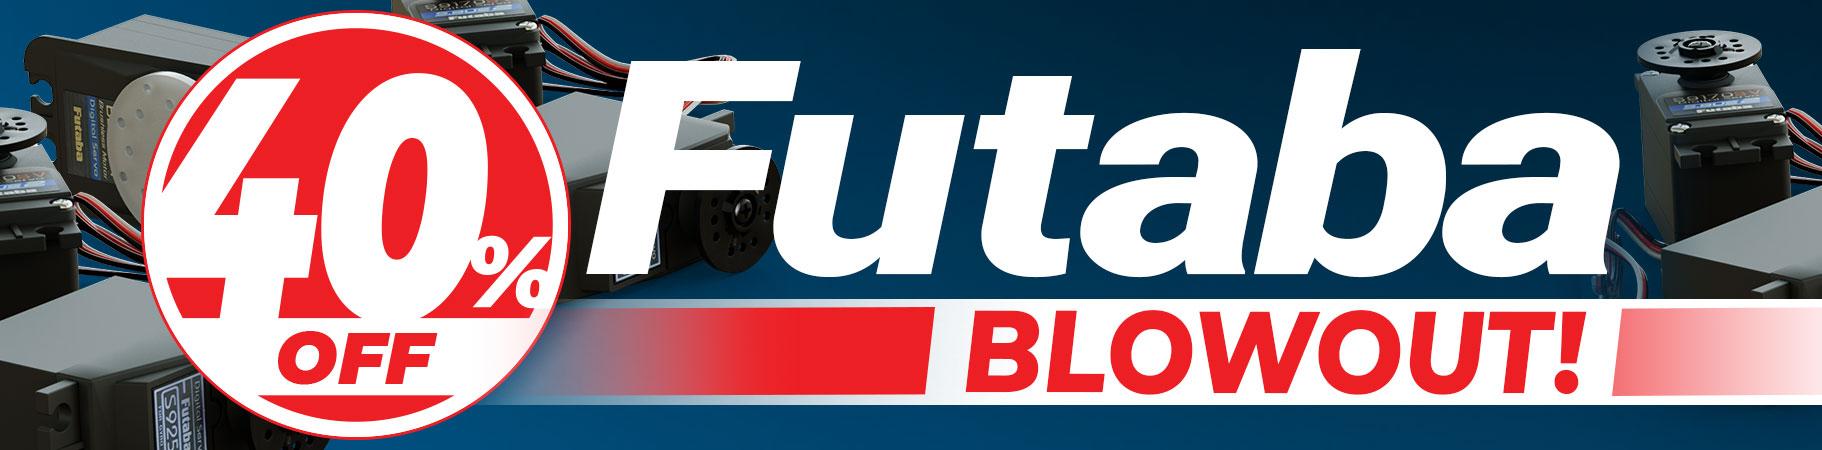 a12245379-129-Futaba-Blowout_1822x450.jpg